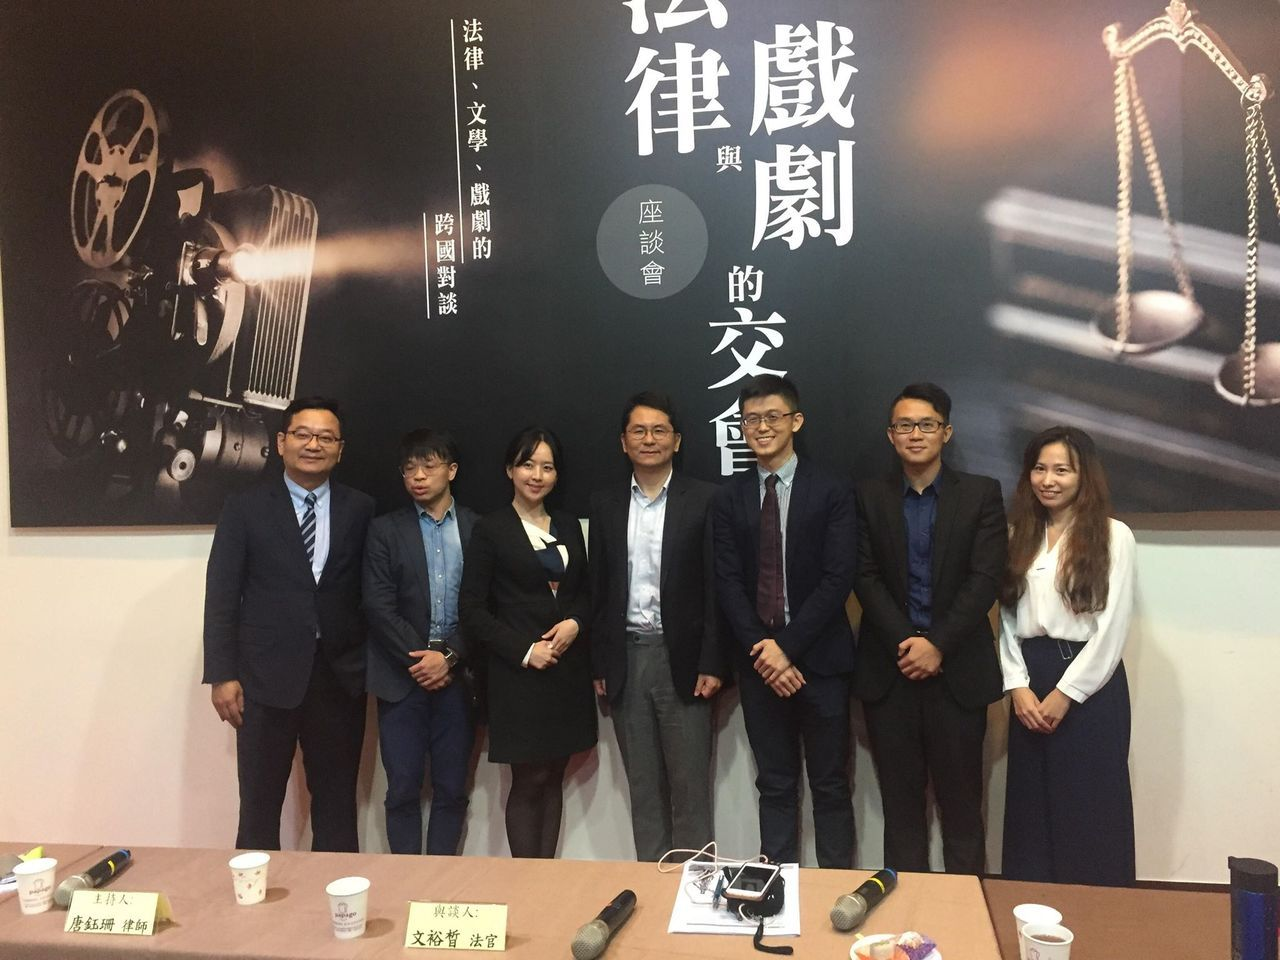 韓劇《漢摩拉比小姐》原著作者、韓國首爾中央法院法官文裕皙,來台參與台北律師公會舉...